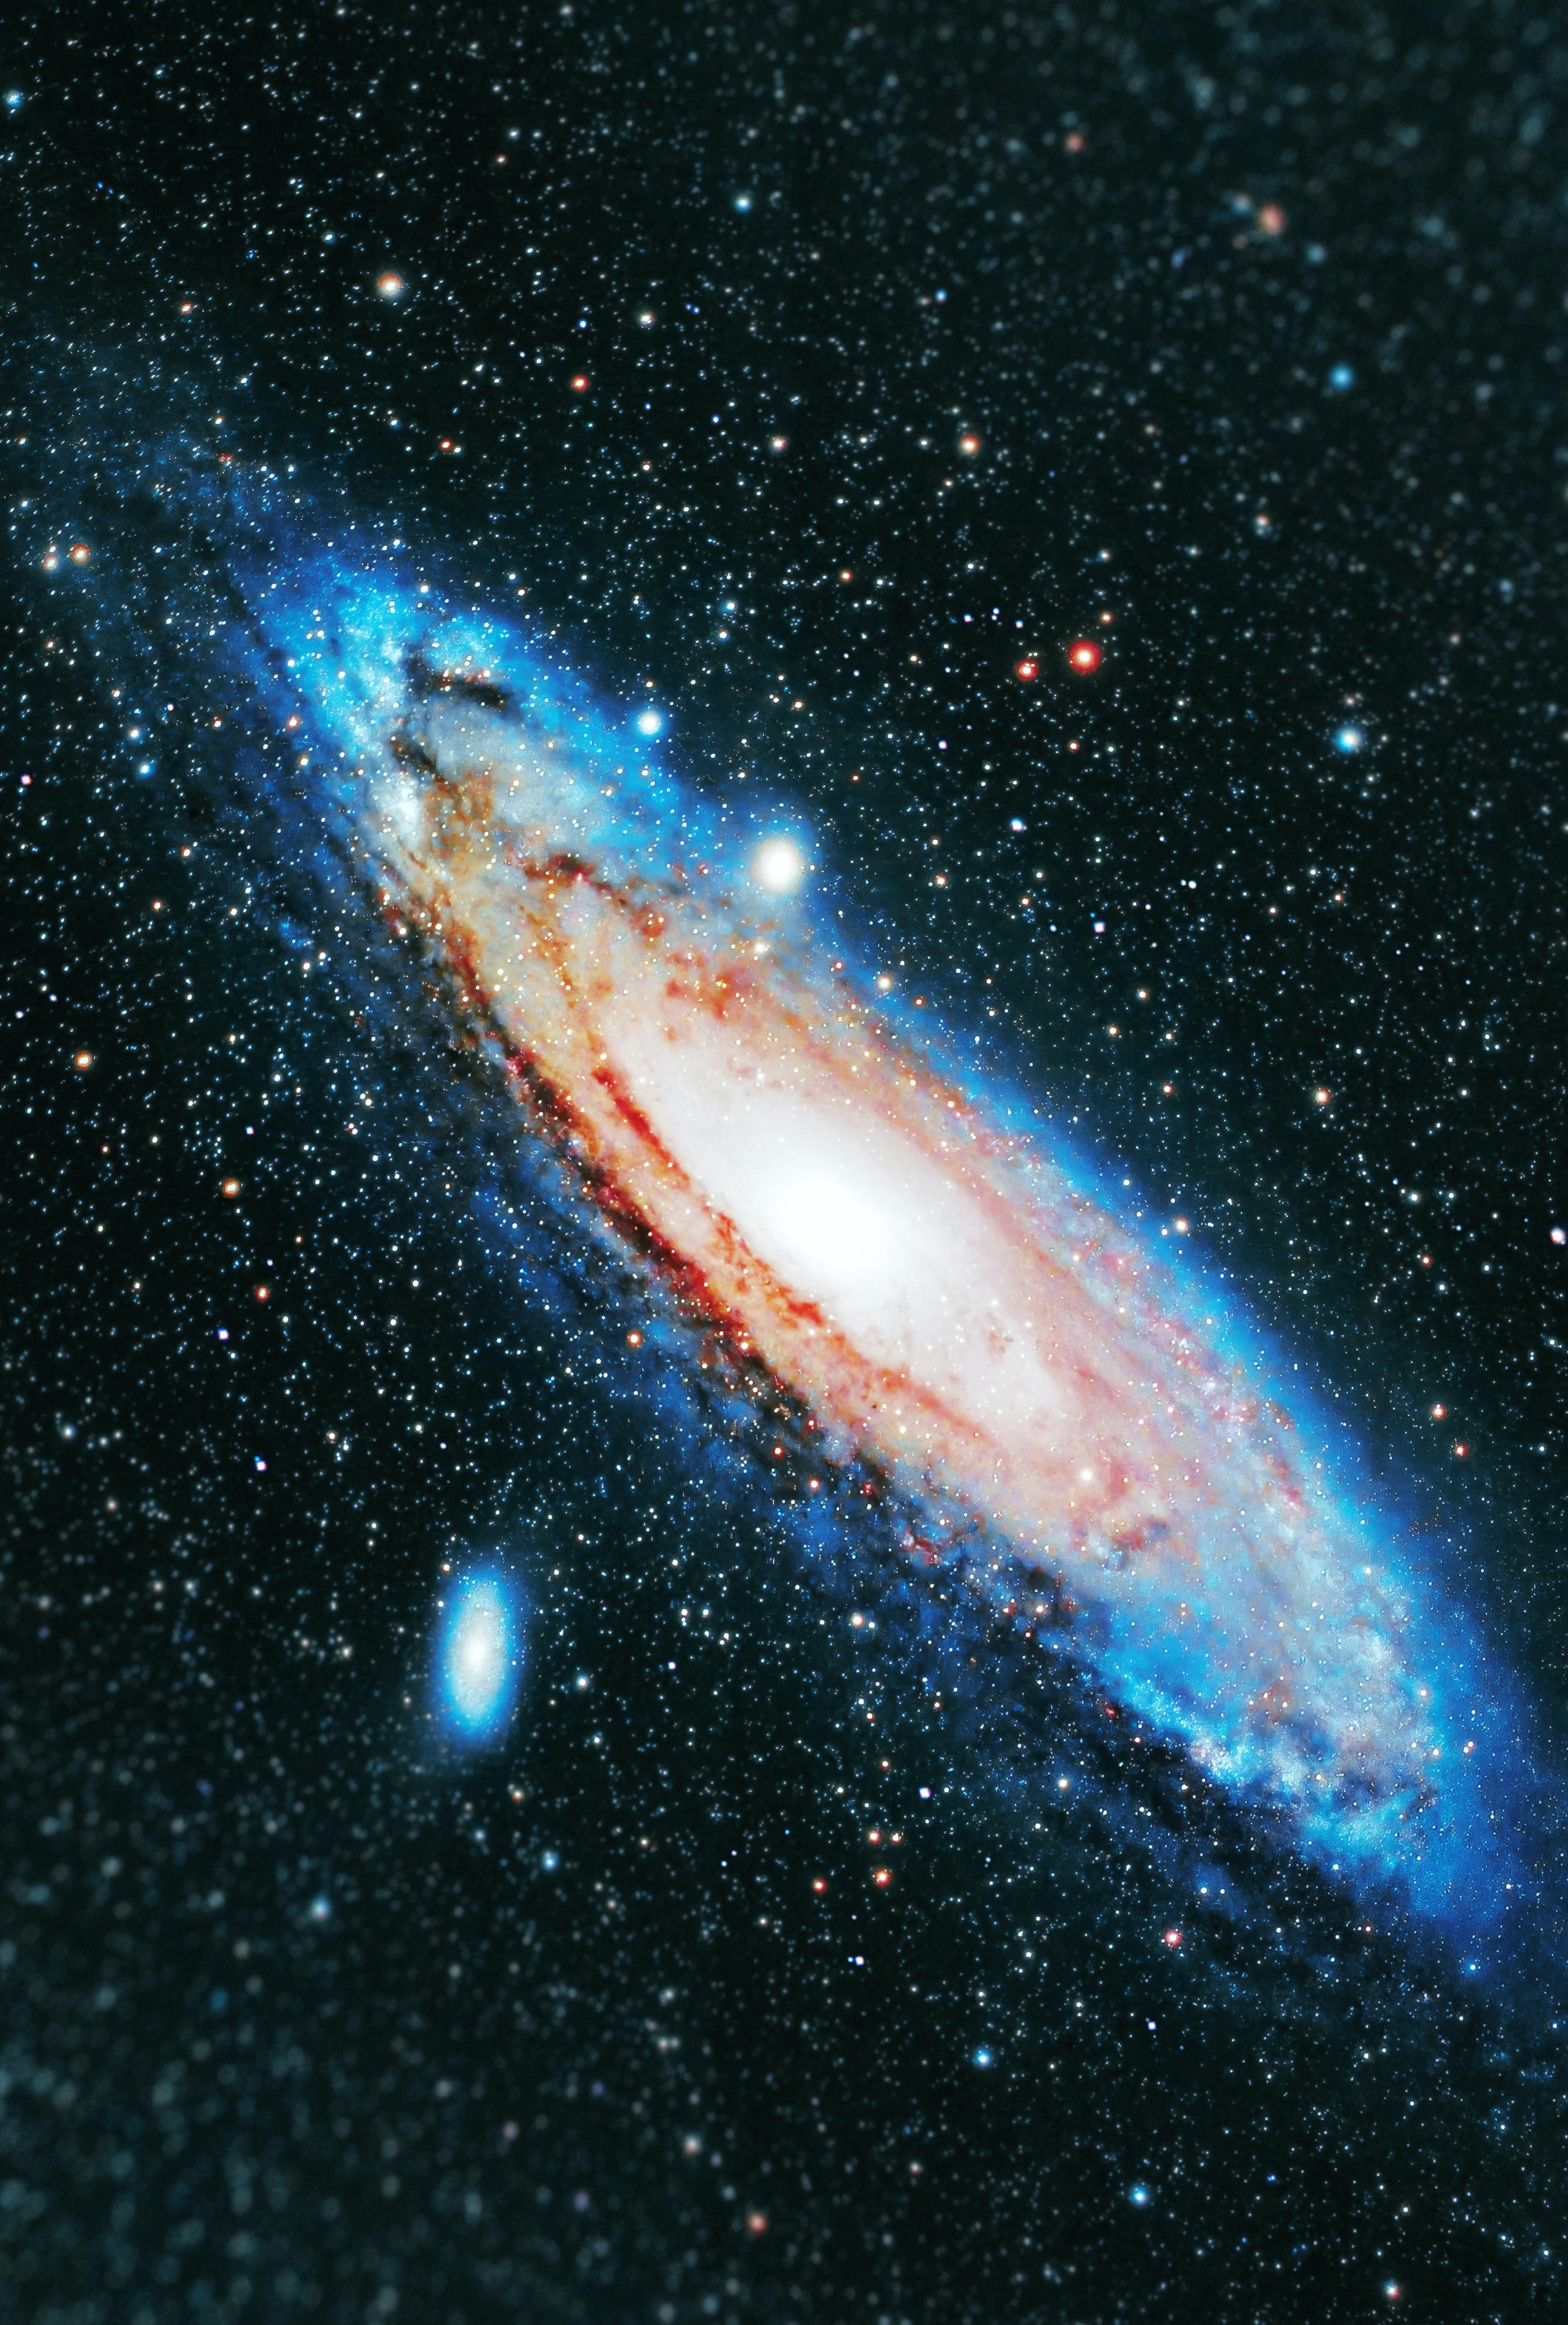 136804 Заставки и Обои Свечение на телефон. Скачать Космос, Свечение, Галактика, Звезды картинки бесплатно